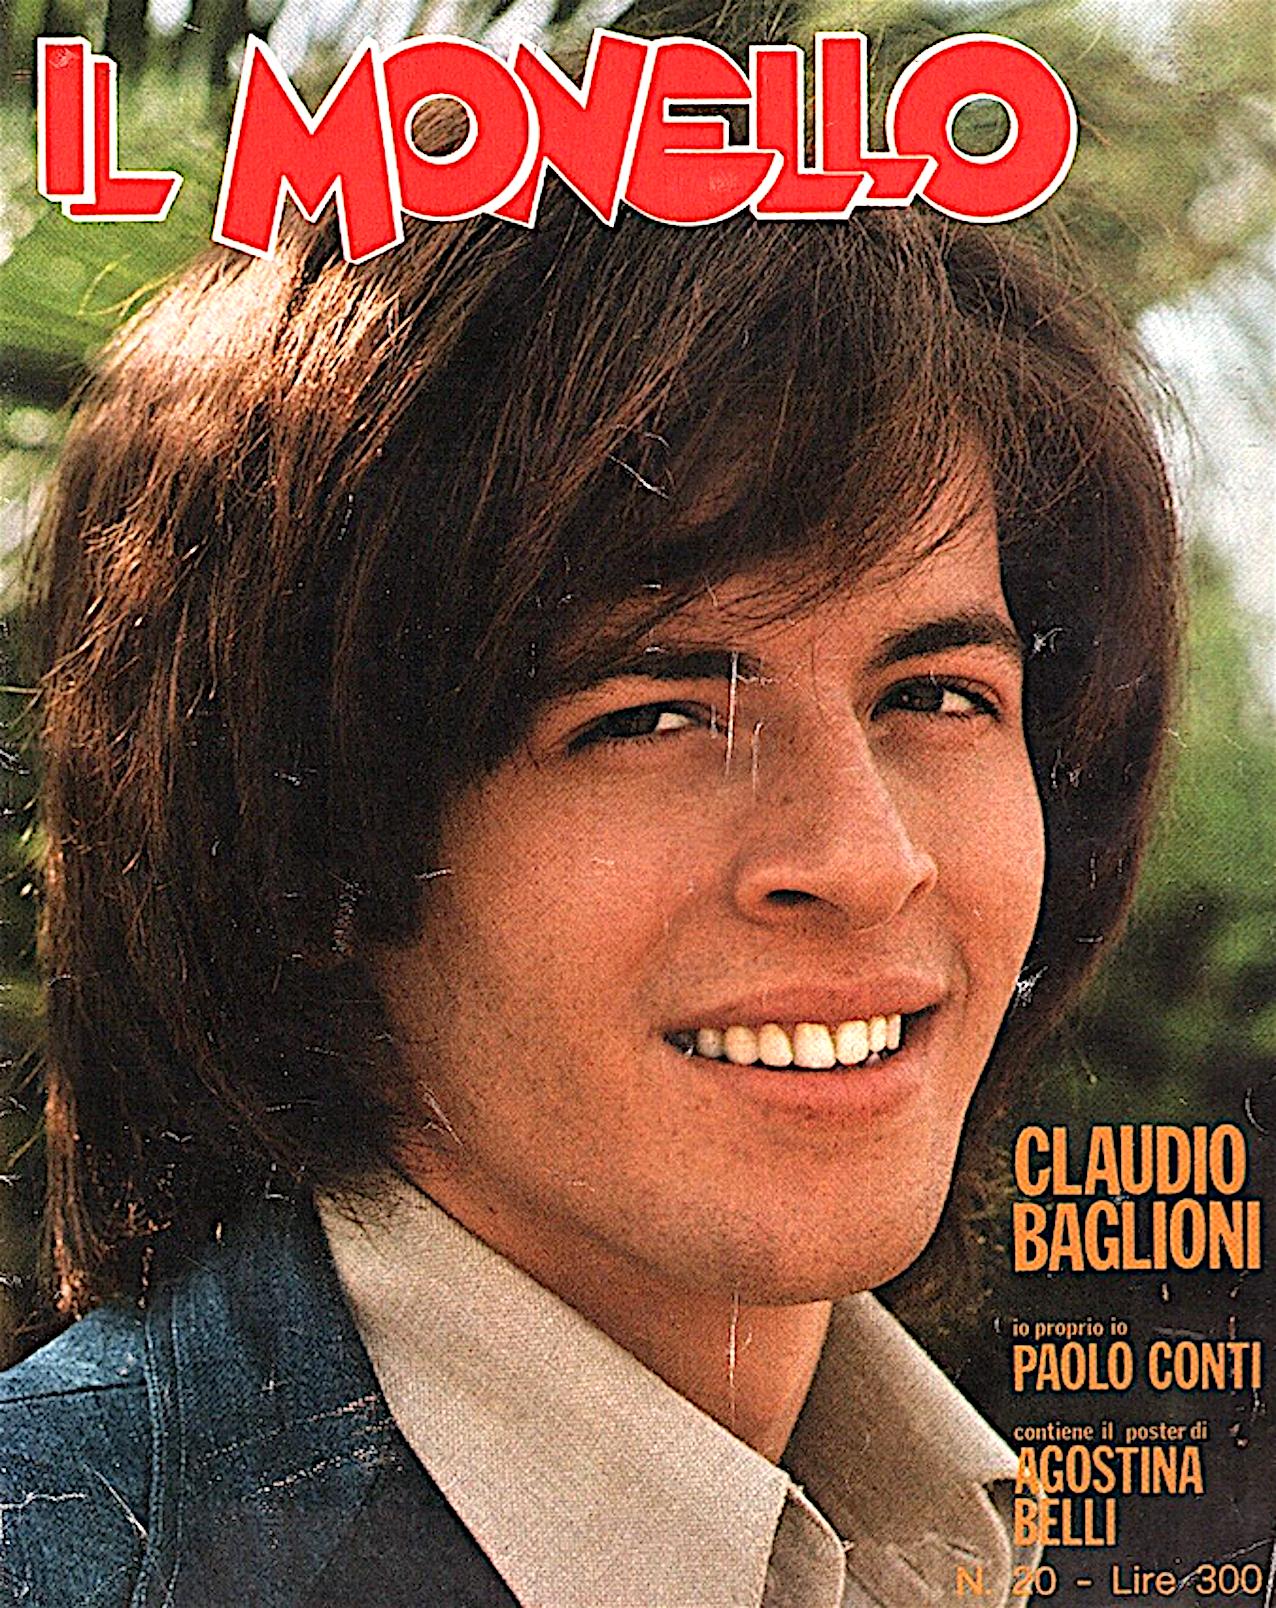 claudio baglioni il monello 1976